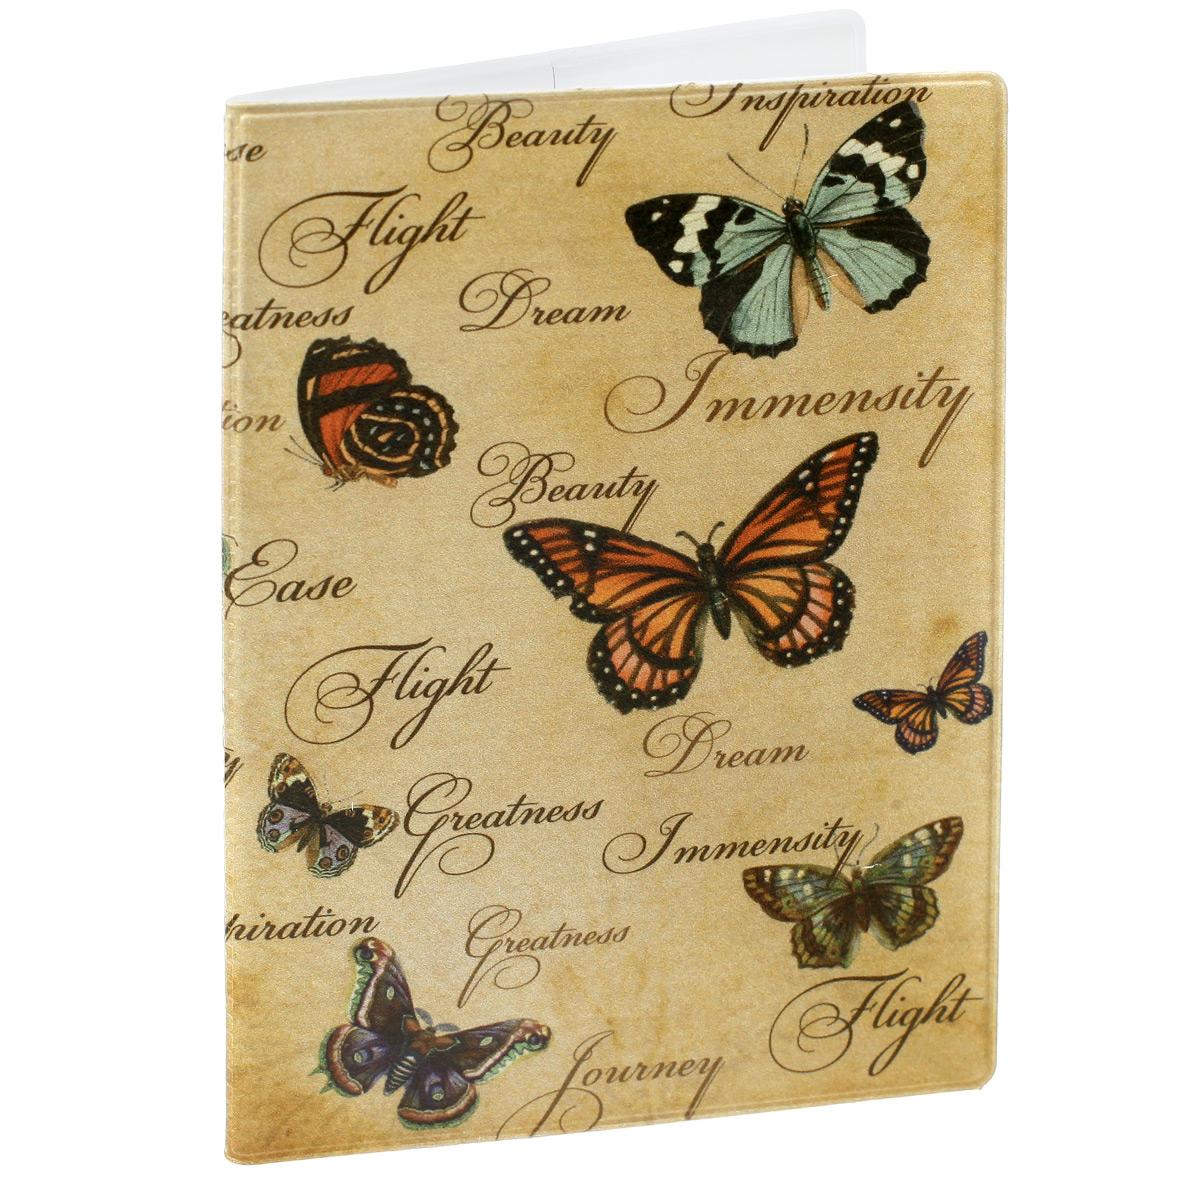 Обложка для паспорта Бабочки, цвет: песочный. 29056OZAM002Обложка для паспорта Бабочки не только поможет сохранить внешний вид ваших документов и защитить их от повреждений, но и станет стильным аксессуаром, идеально подходящим вашему образу. Обложка выполнена из поливинилхлорида и оформлена оригинальным изображением бабочек. Внутри имеет два вертикальных кармана из прозрачного пластика. Такая обложка поможет вам подчеркнуть свою индивидуальность и неповторимость!